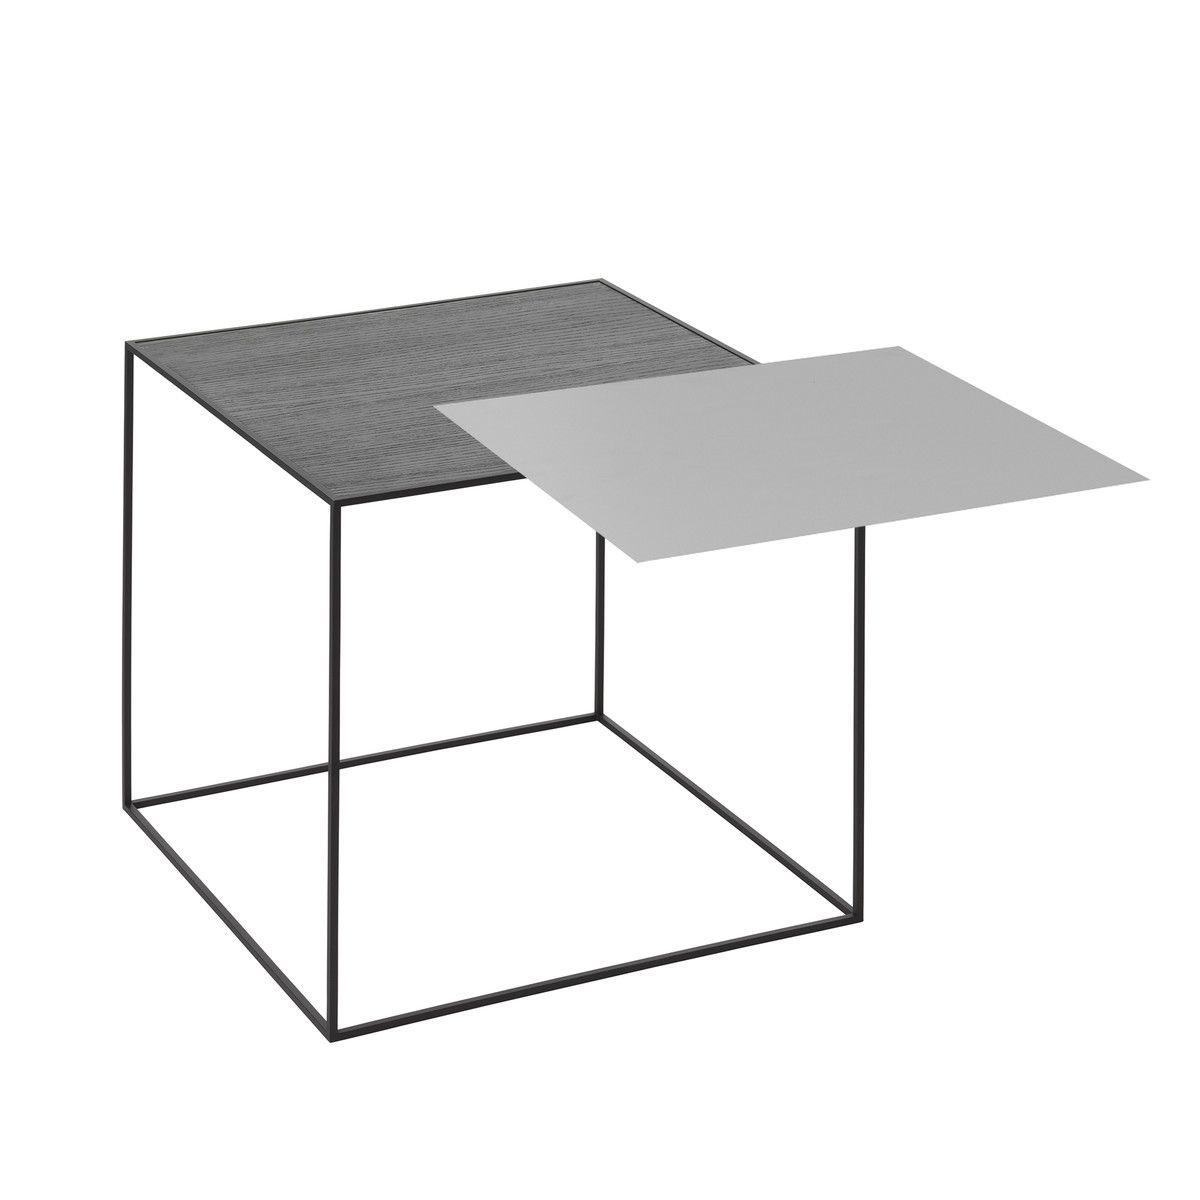 by Lassen - Twin 42 Beistelltisch, schwarzer Rahmen, schwarze Esche ...